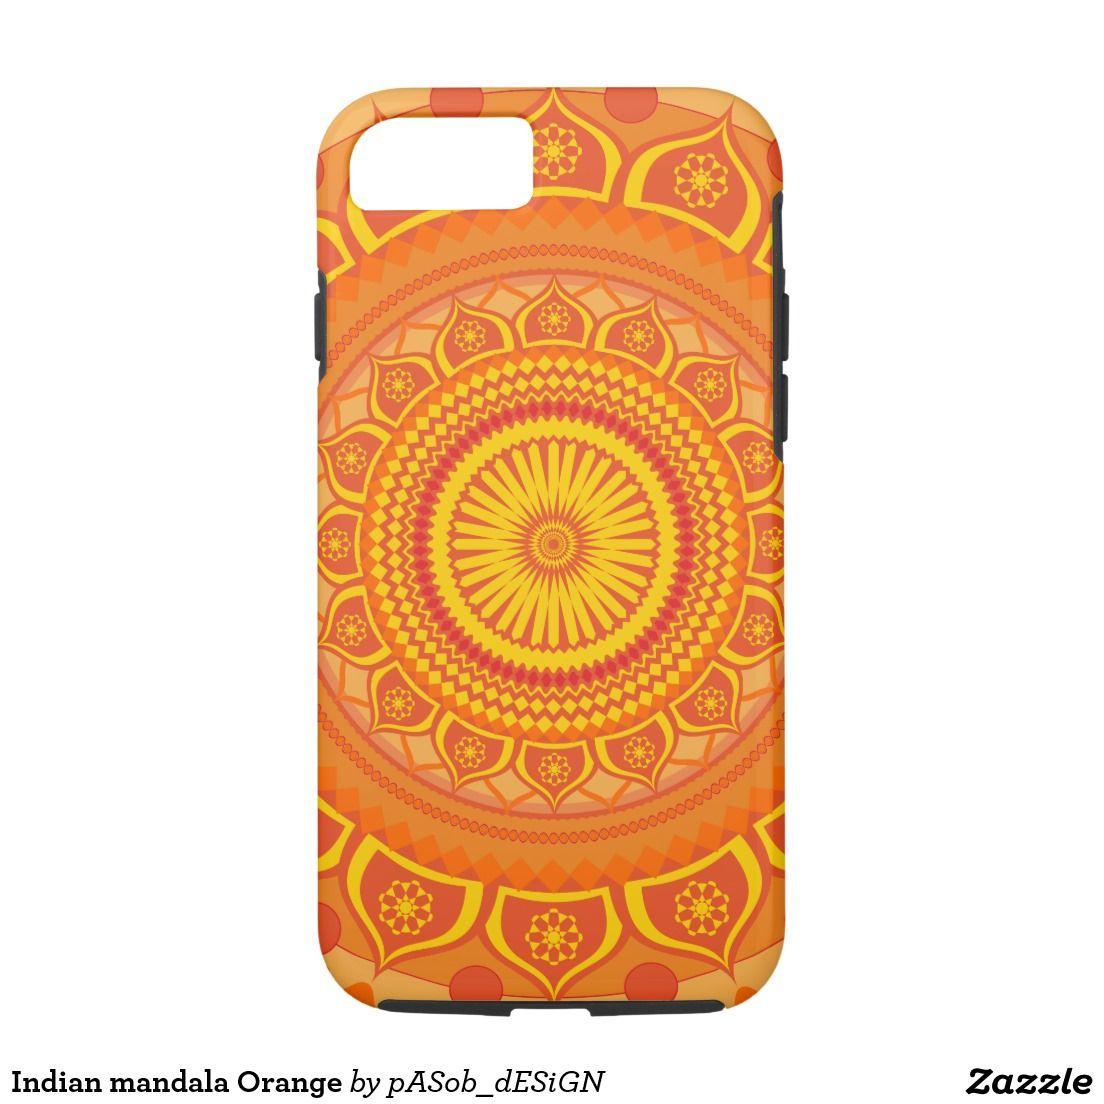 Indian mandala Orange